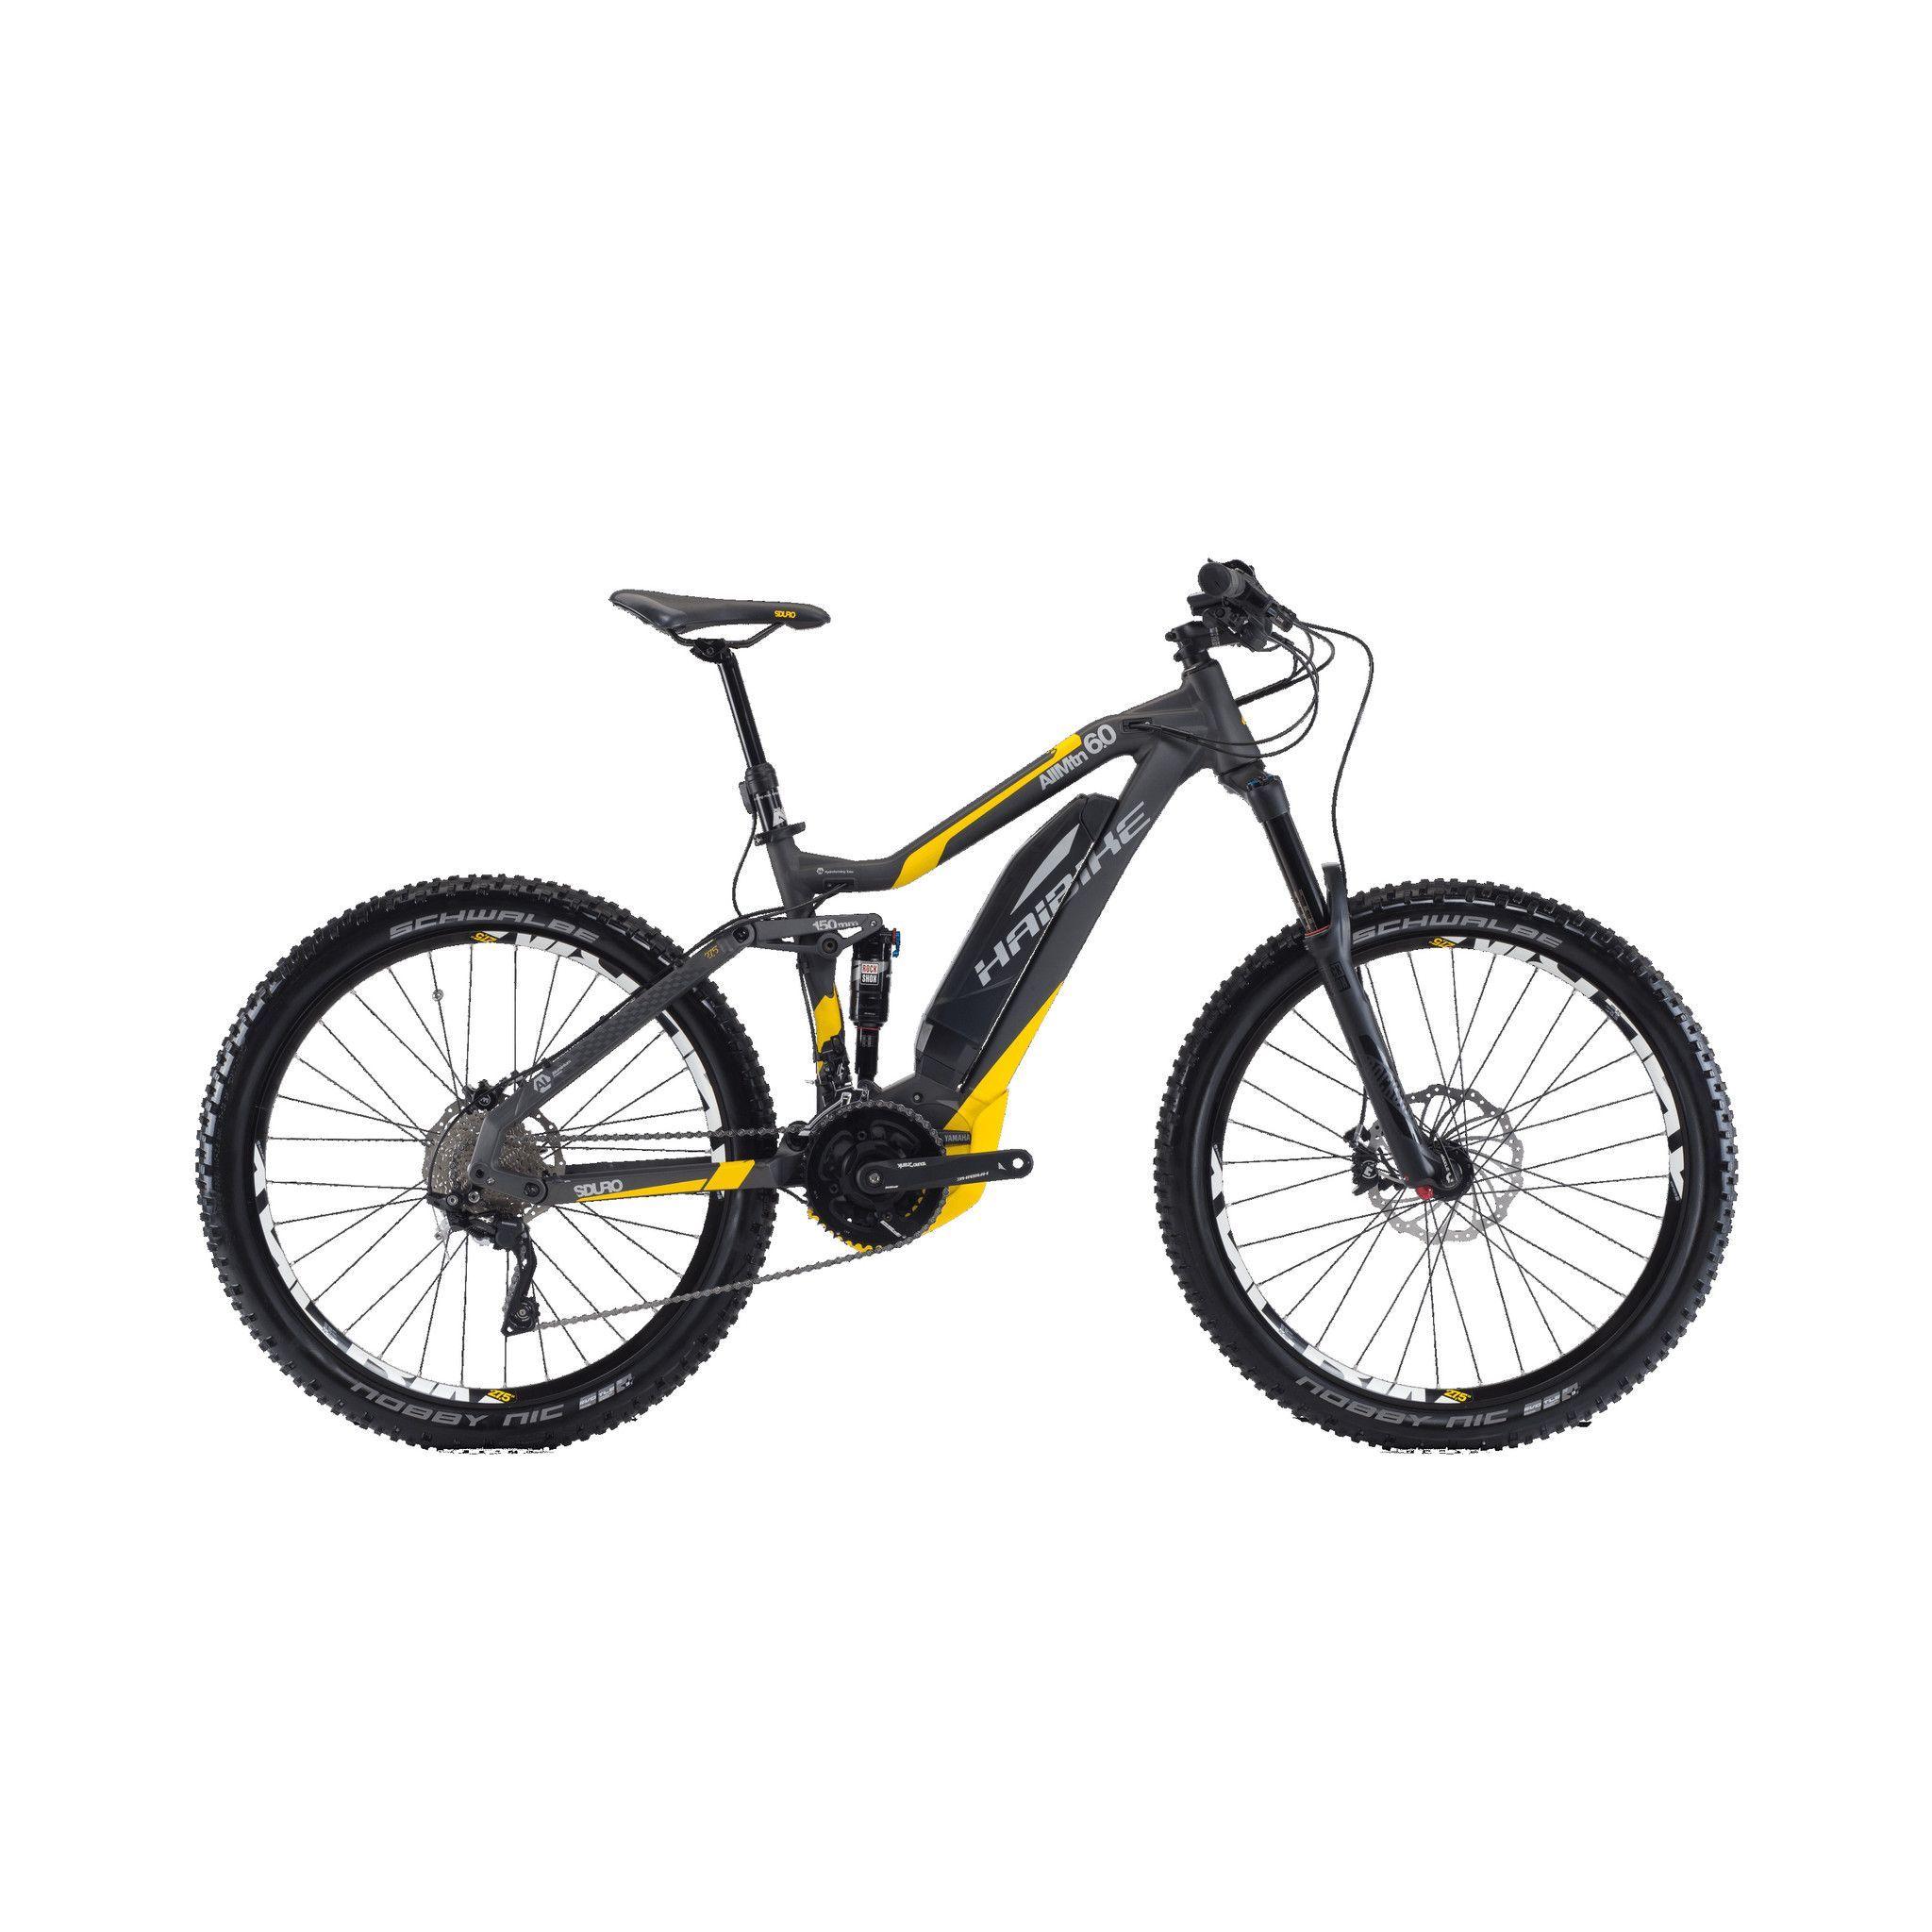 Sduro Allmtn 6 0 E Bike